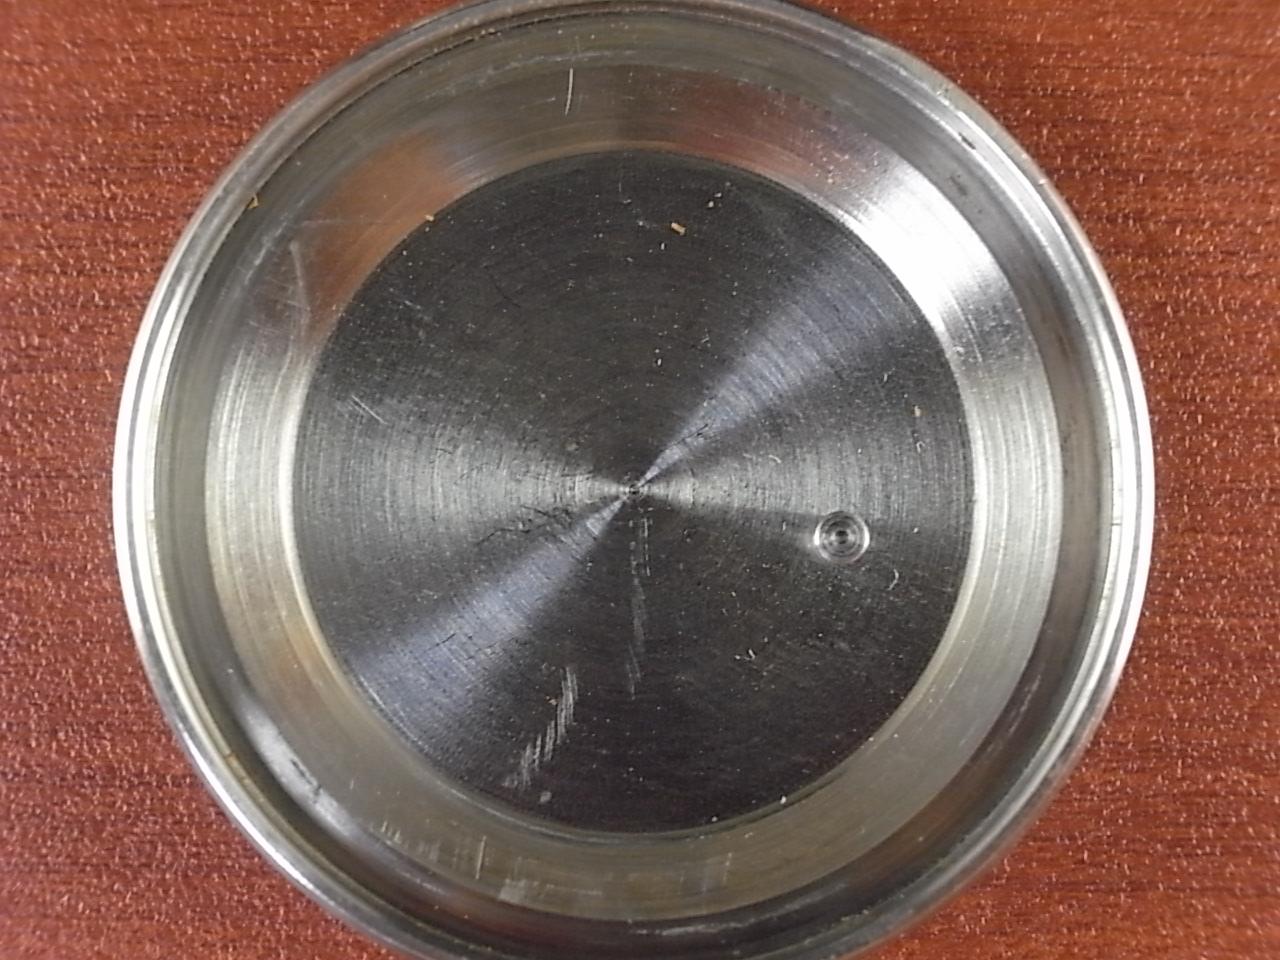 バルカン クリケット リストアラーム SSケース Cal.120 1950年代の写真6枚目